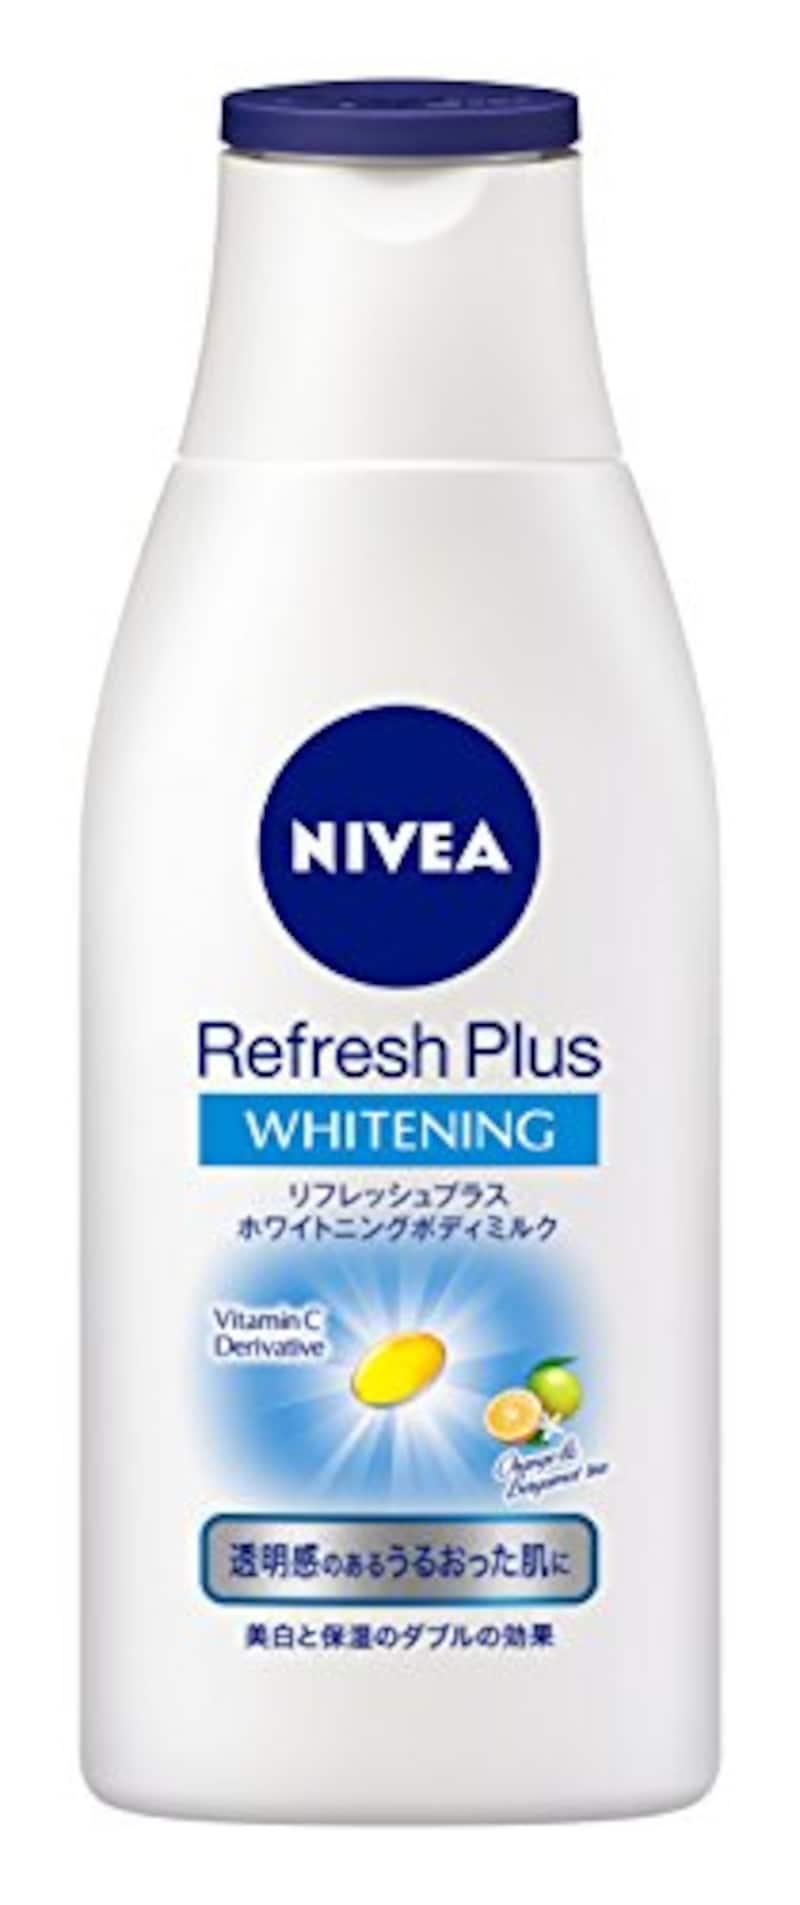 ニベア,リフレッシュプラスホワイトニングボディミルク